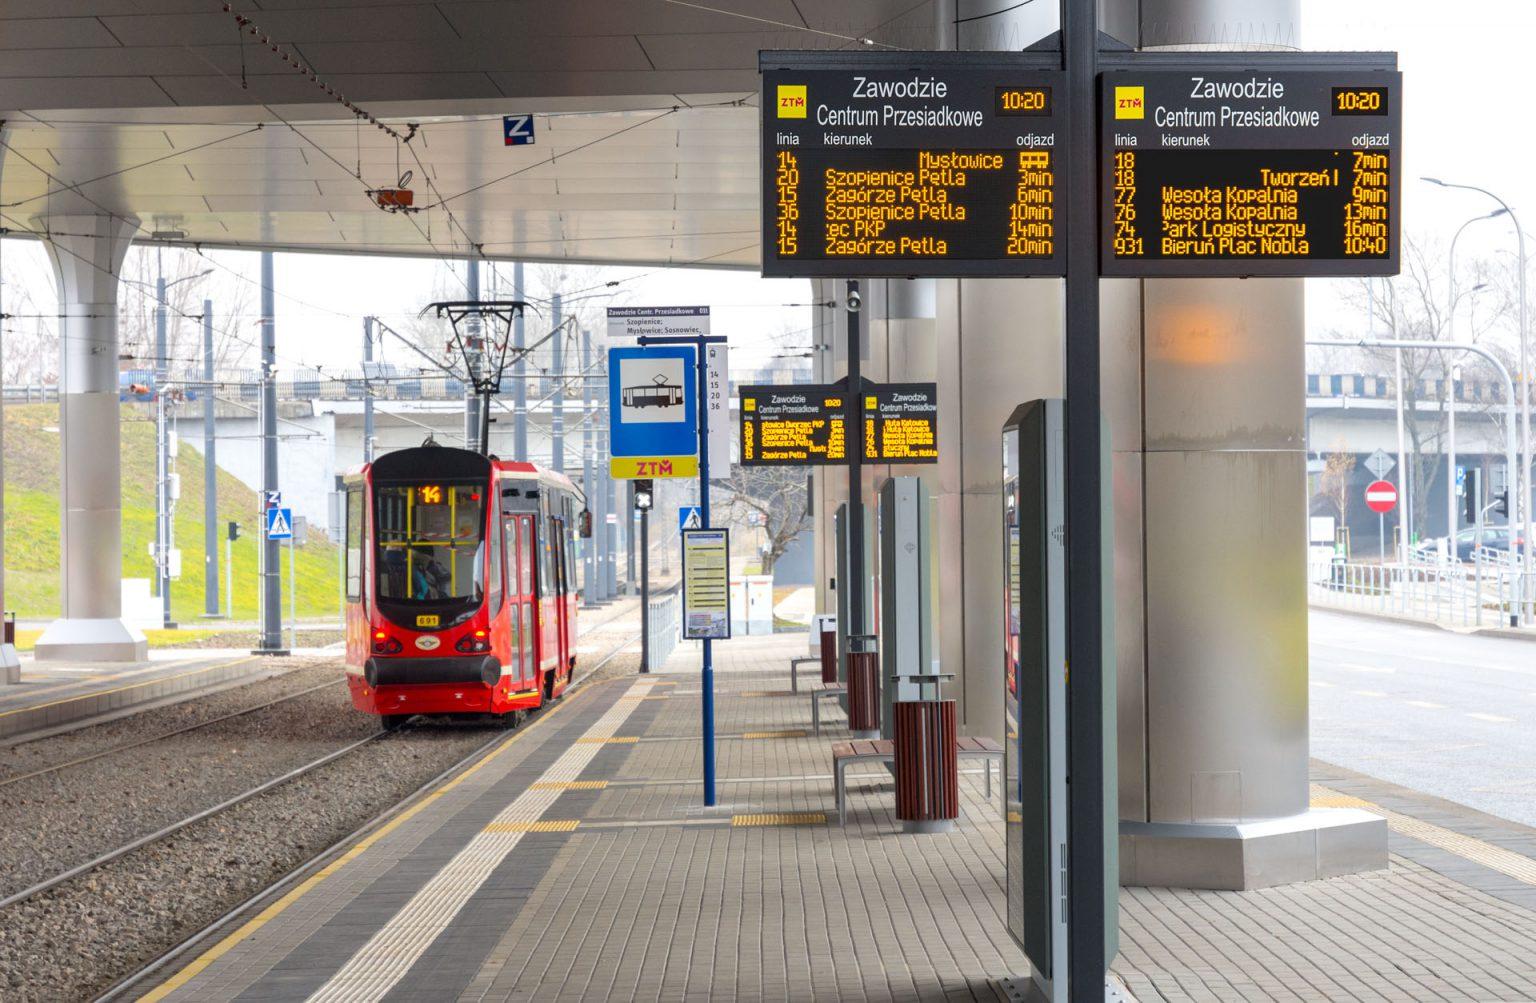 SDIP, Dynamic Passenger Information Display System and info kiosk, LED passenger information boards. This project was cofinanced by EU. Tablice informacji pasażerskiej LED amber, Katowice Zawodzie.